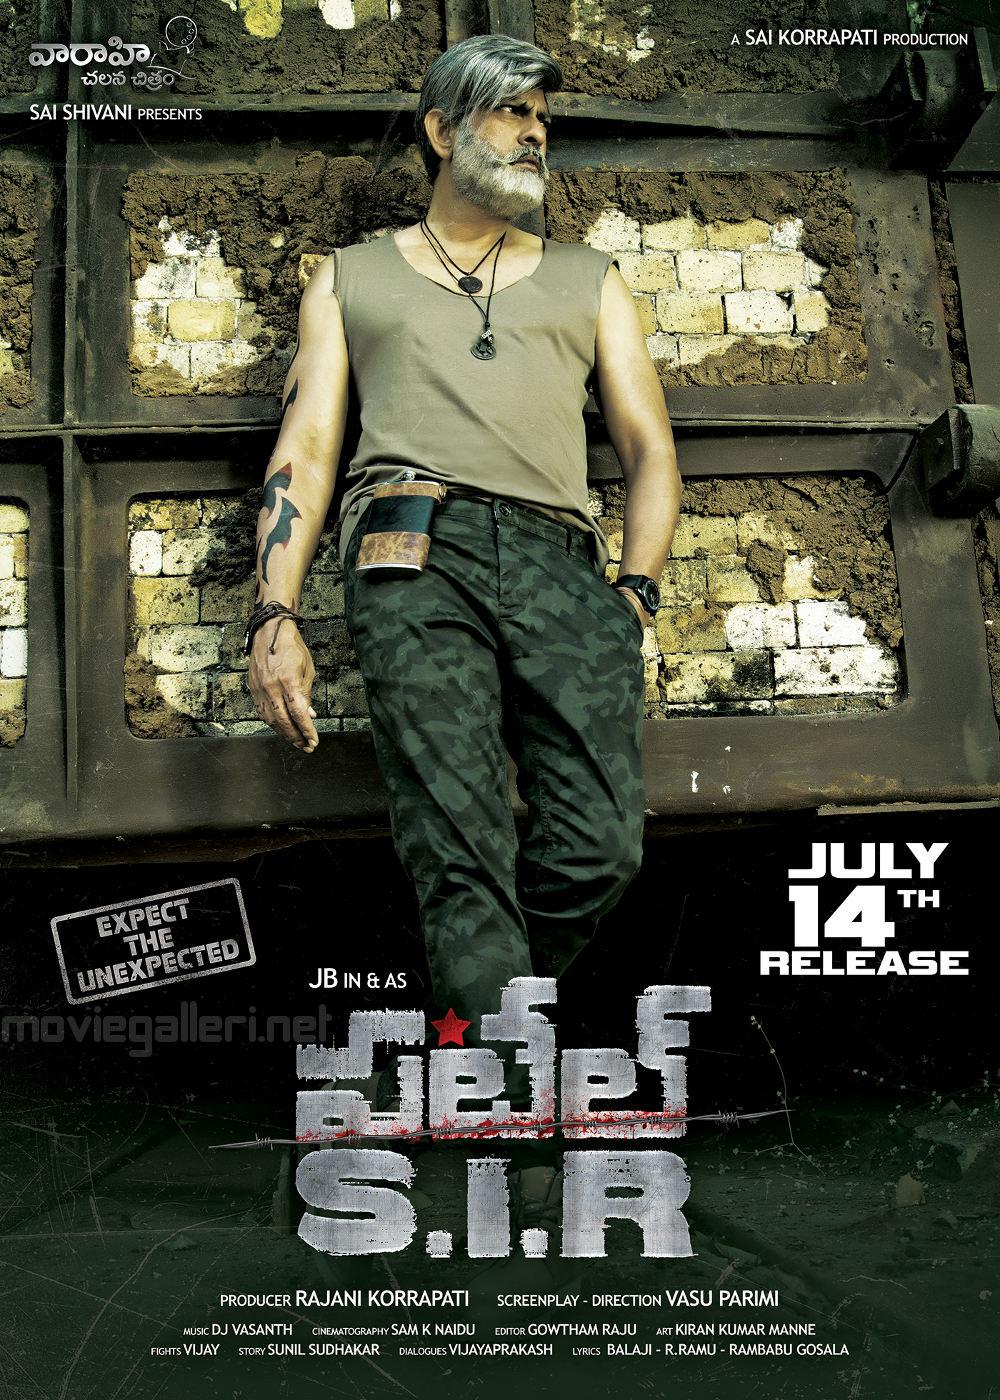 Jagapathi Babu Patel SIR Releasing On July 14th Posters